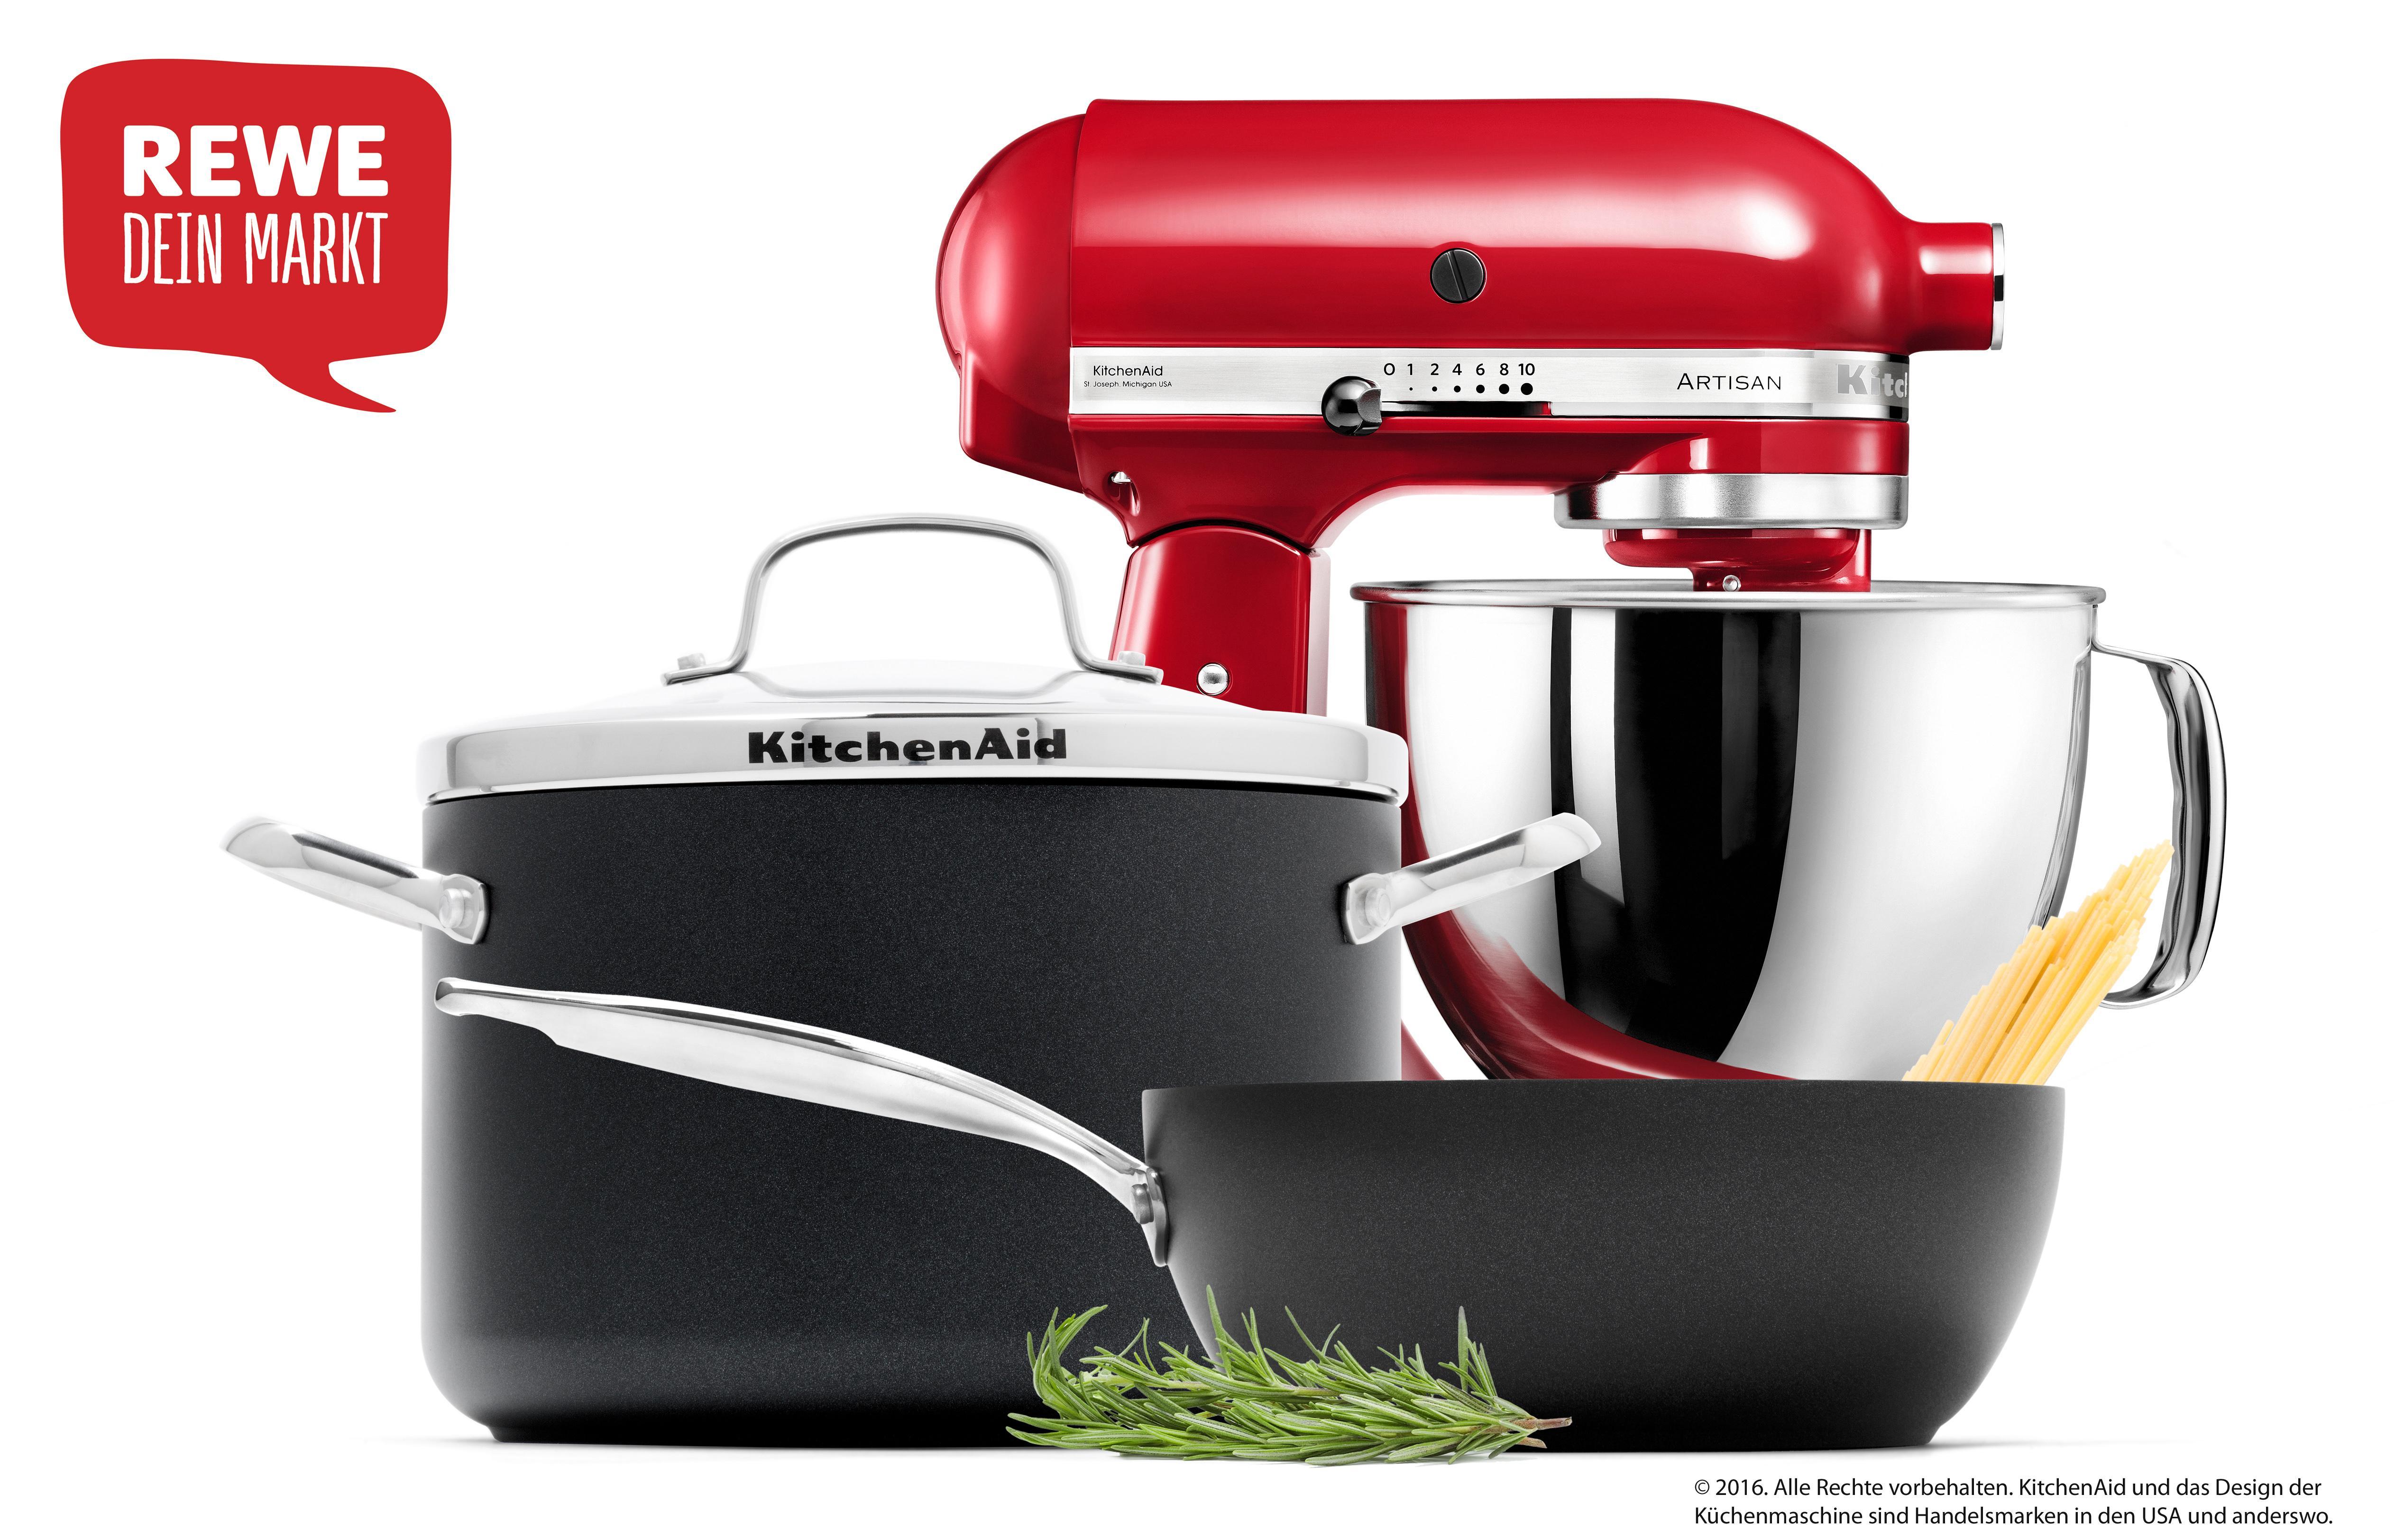 Anzeige: Sammeln, Gewinnen und stilvoll Kochen – mit REWE und KitchenAid